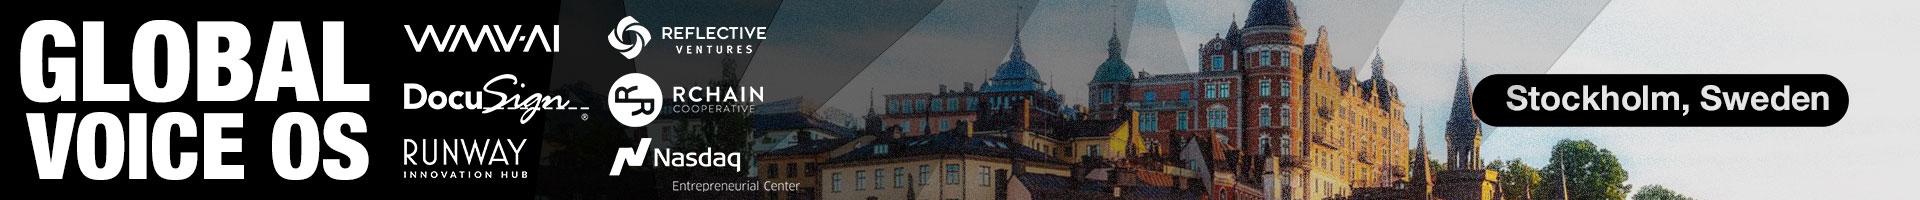 Event-Global-Voice-OS-1920x200-Stockholm-Sweden